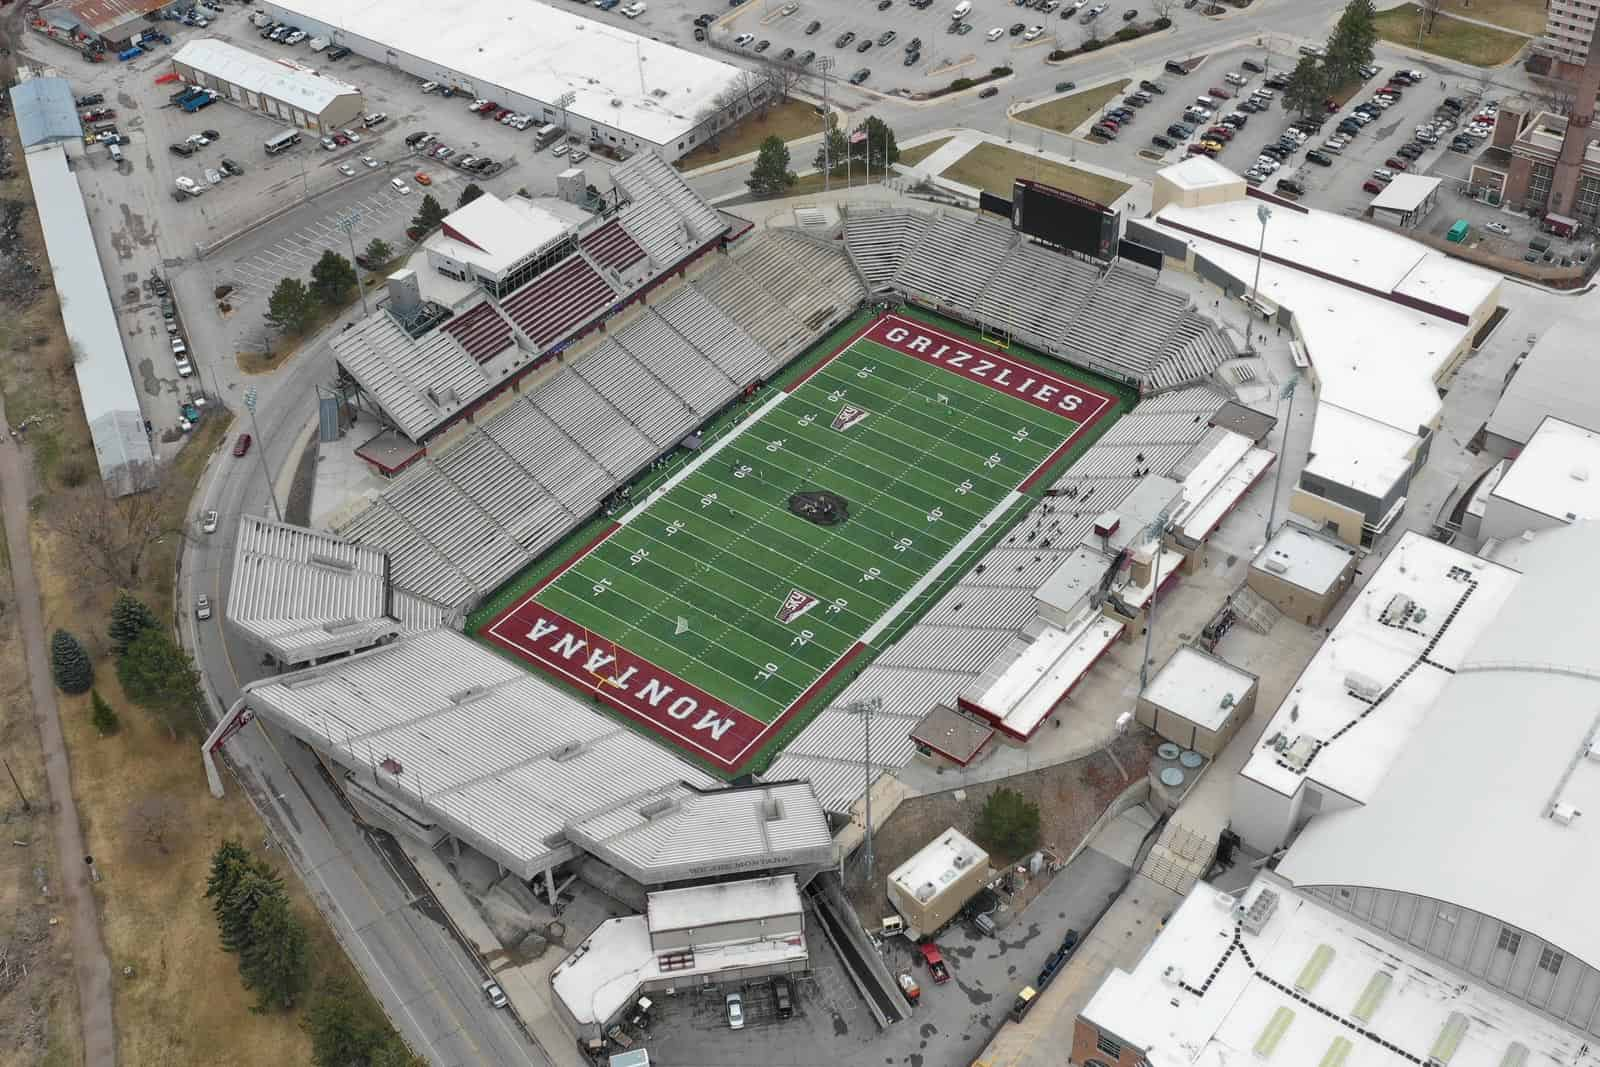 Washington-Grizzly Stadium